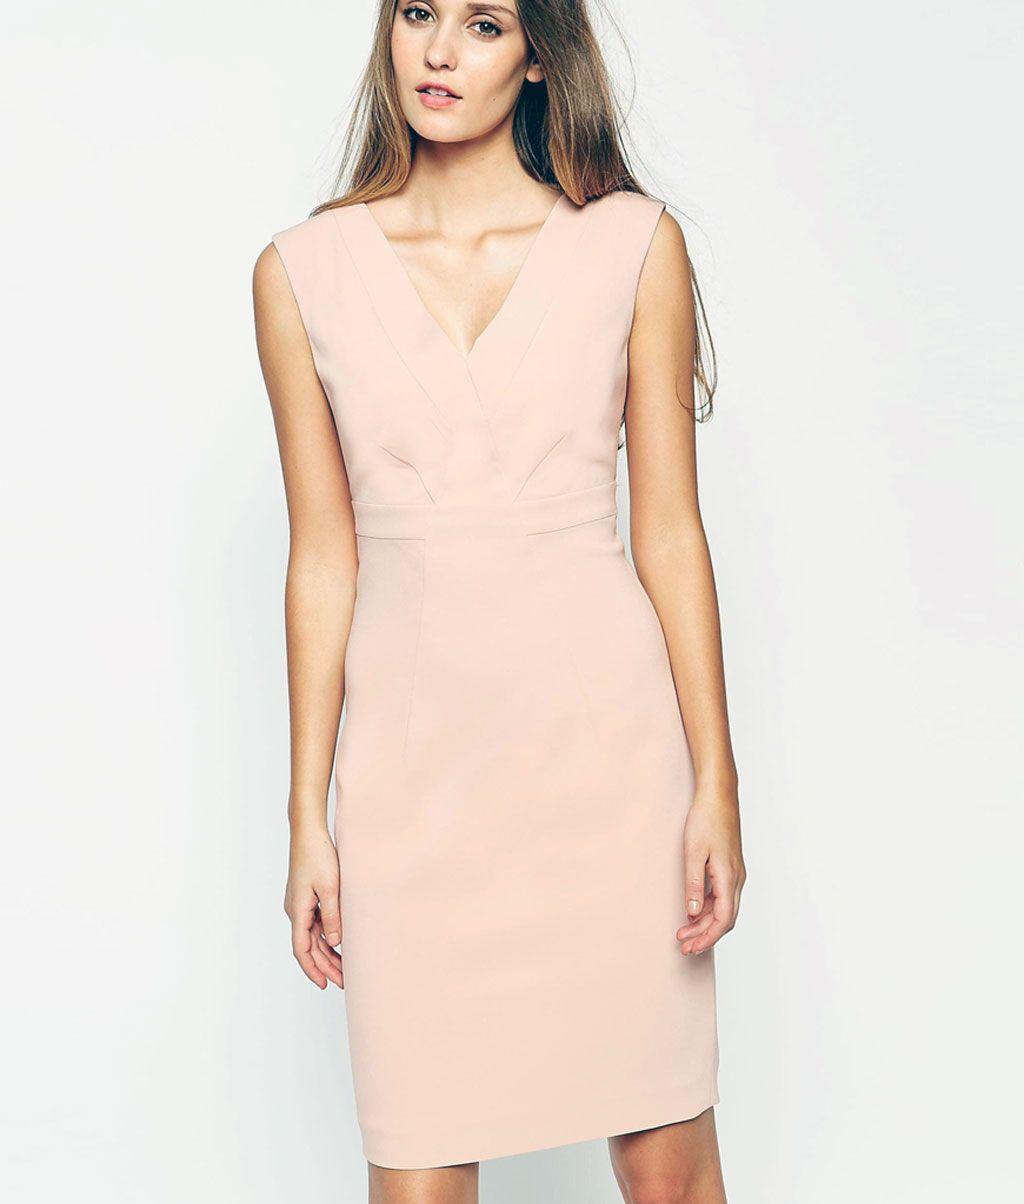 2016 Kalem Elbise Modelleri Kalem Elbise Elbise Elbise Modelleri